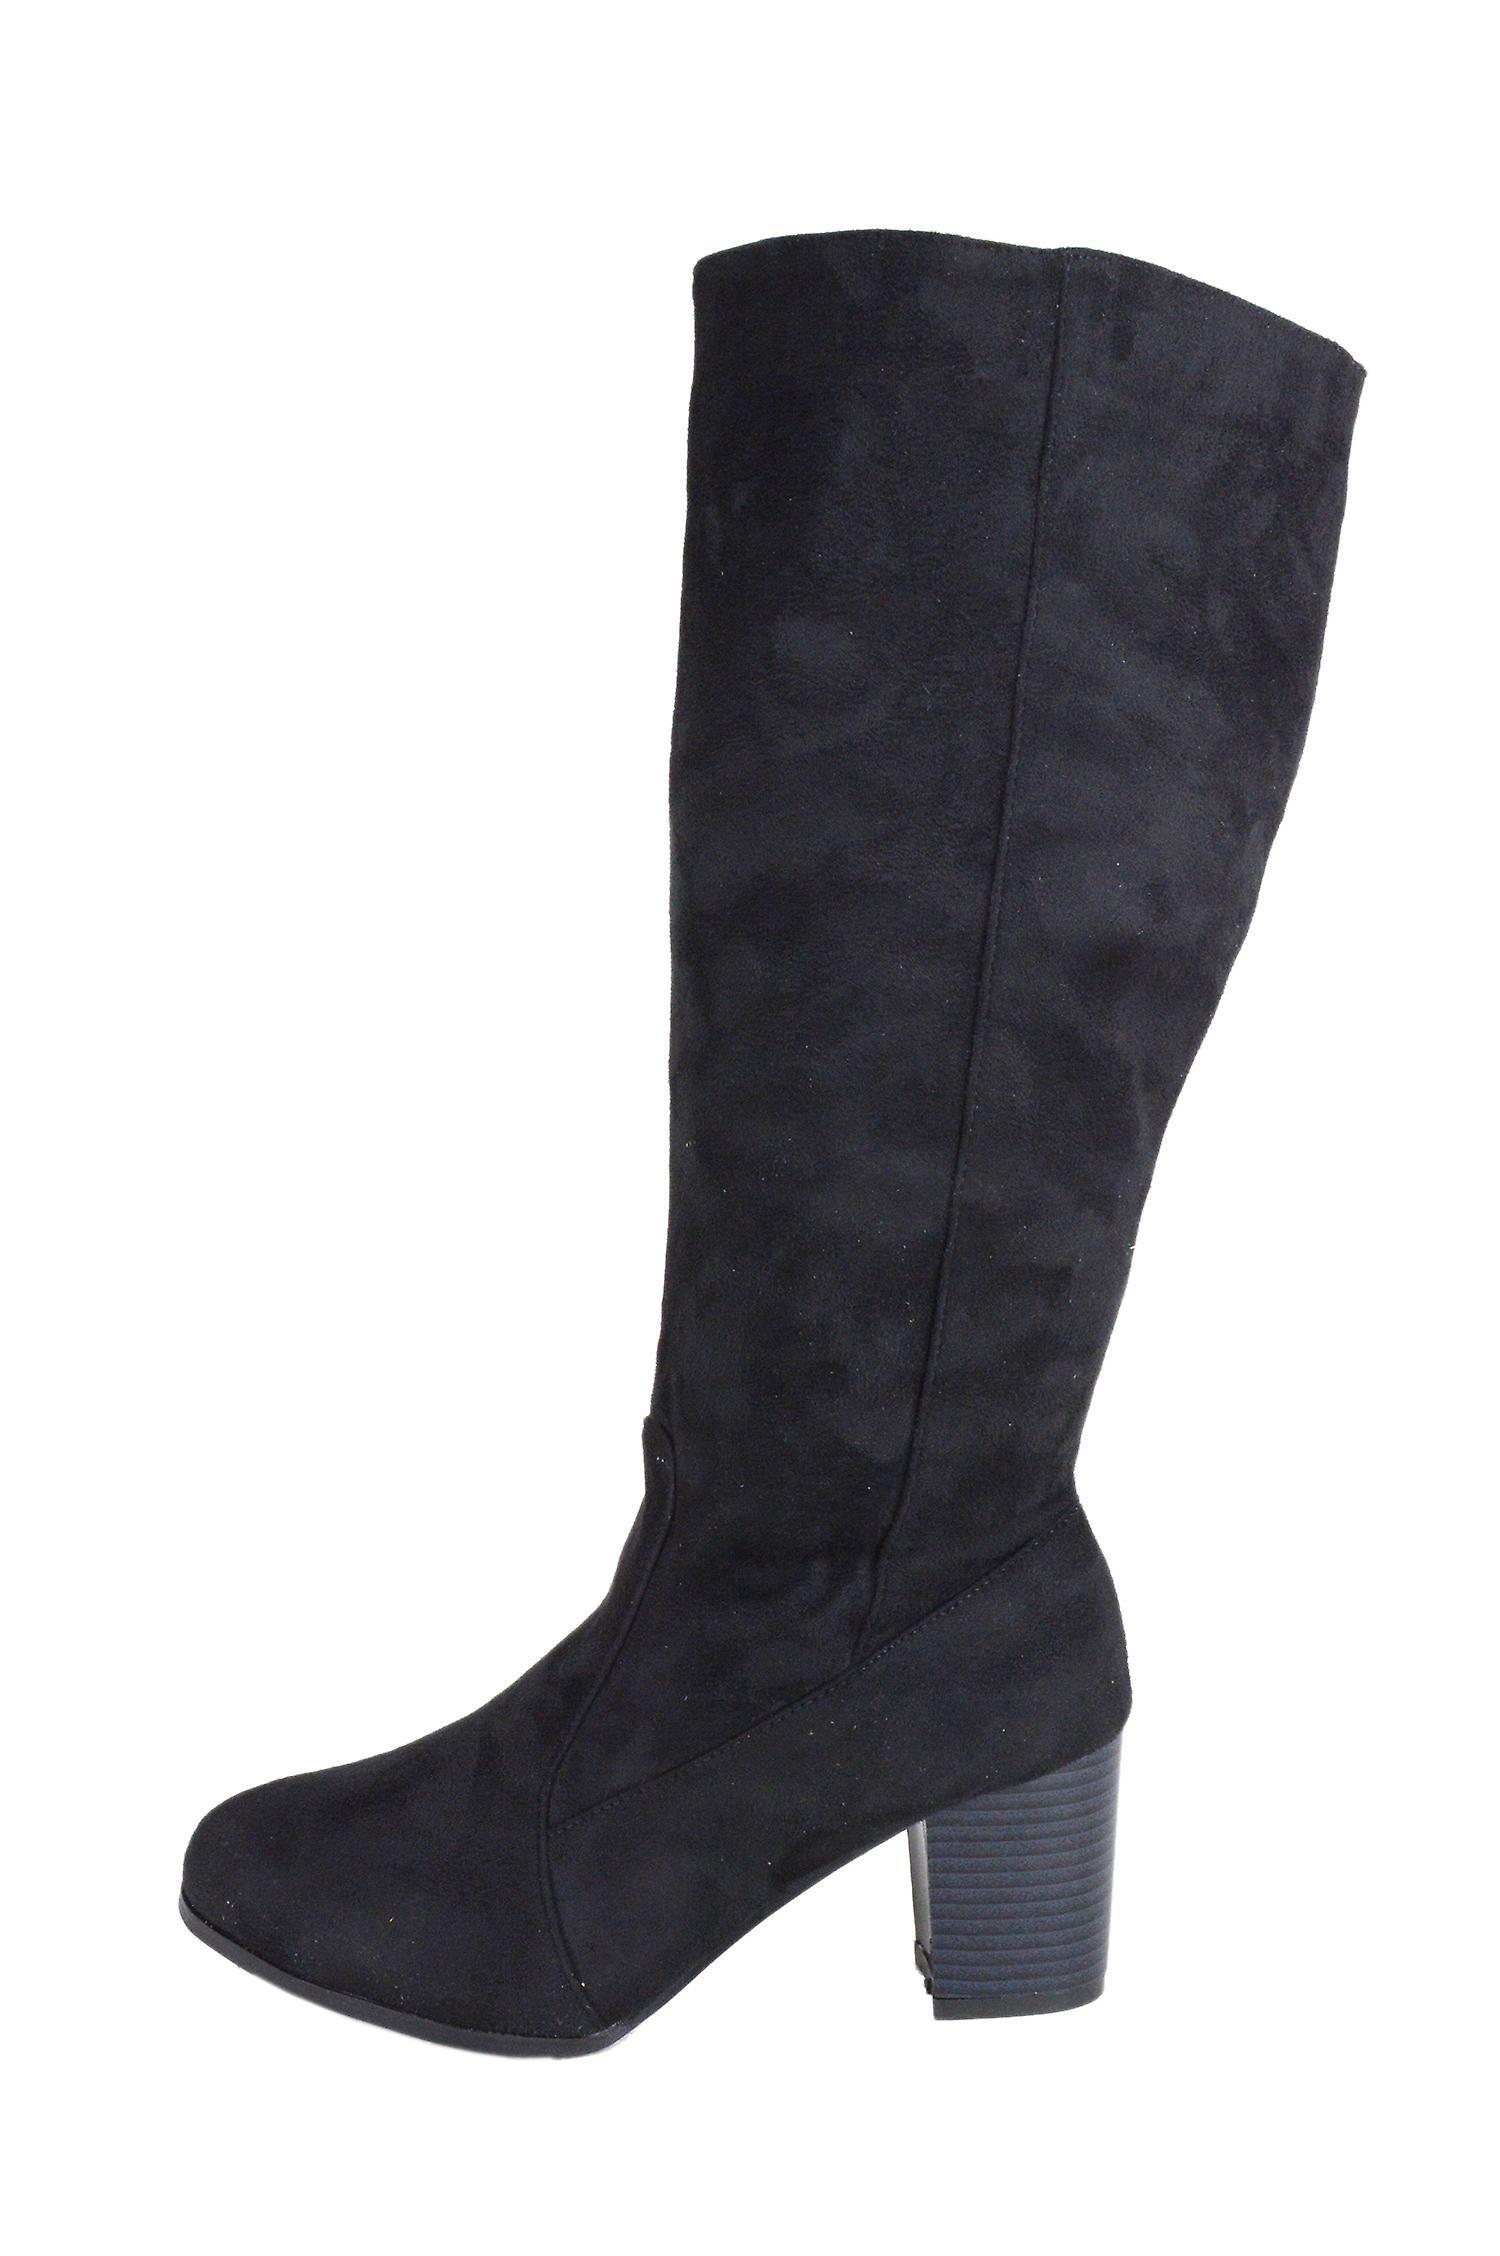 LMS Black Suede Block Heel Knee High Boot